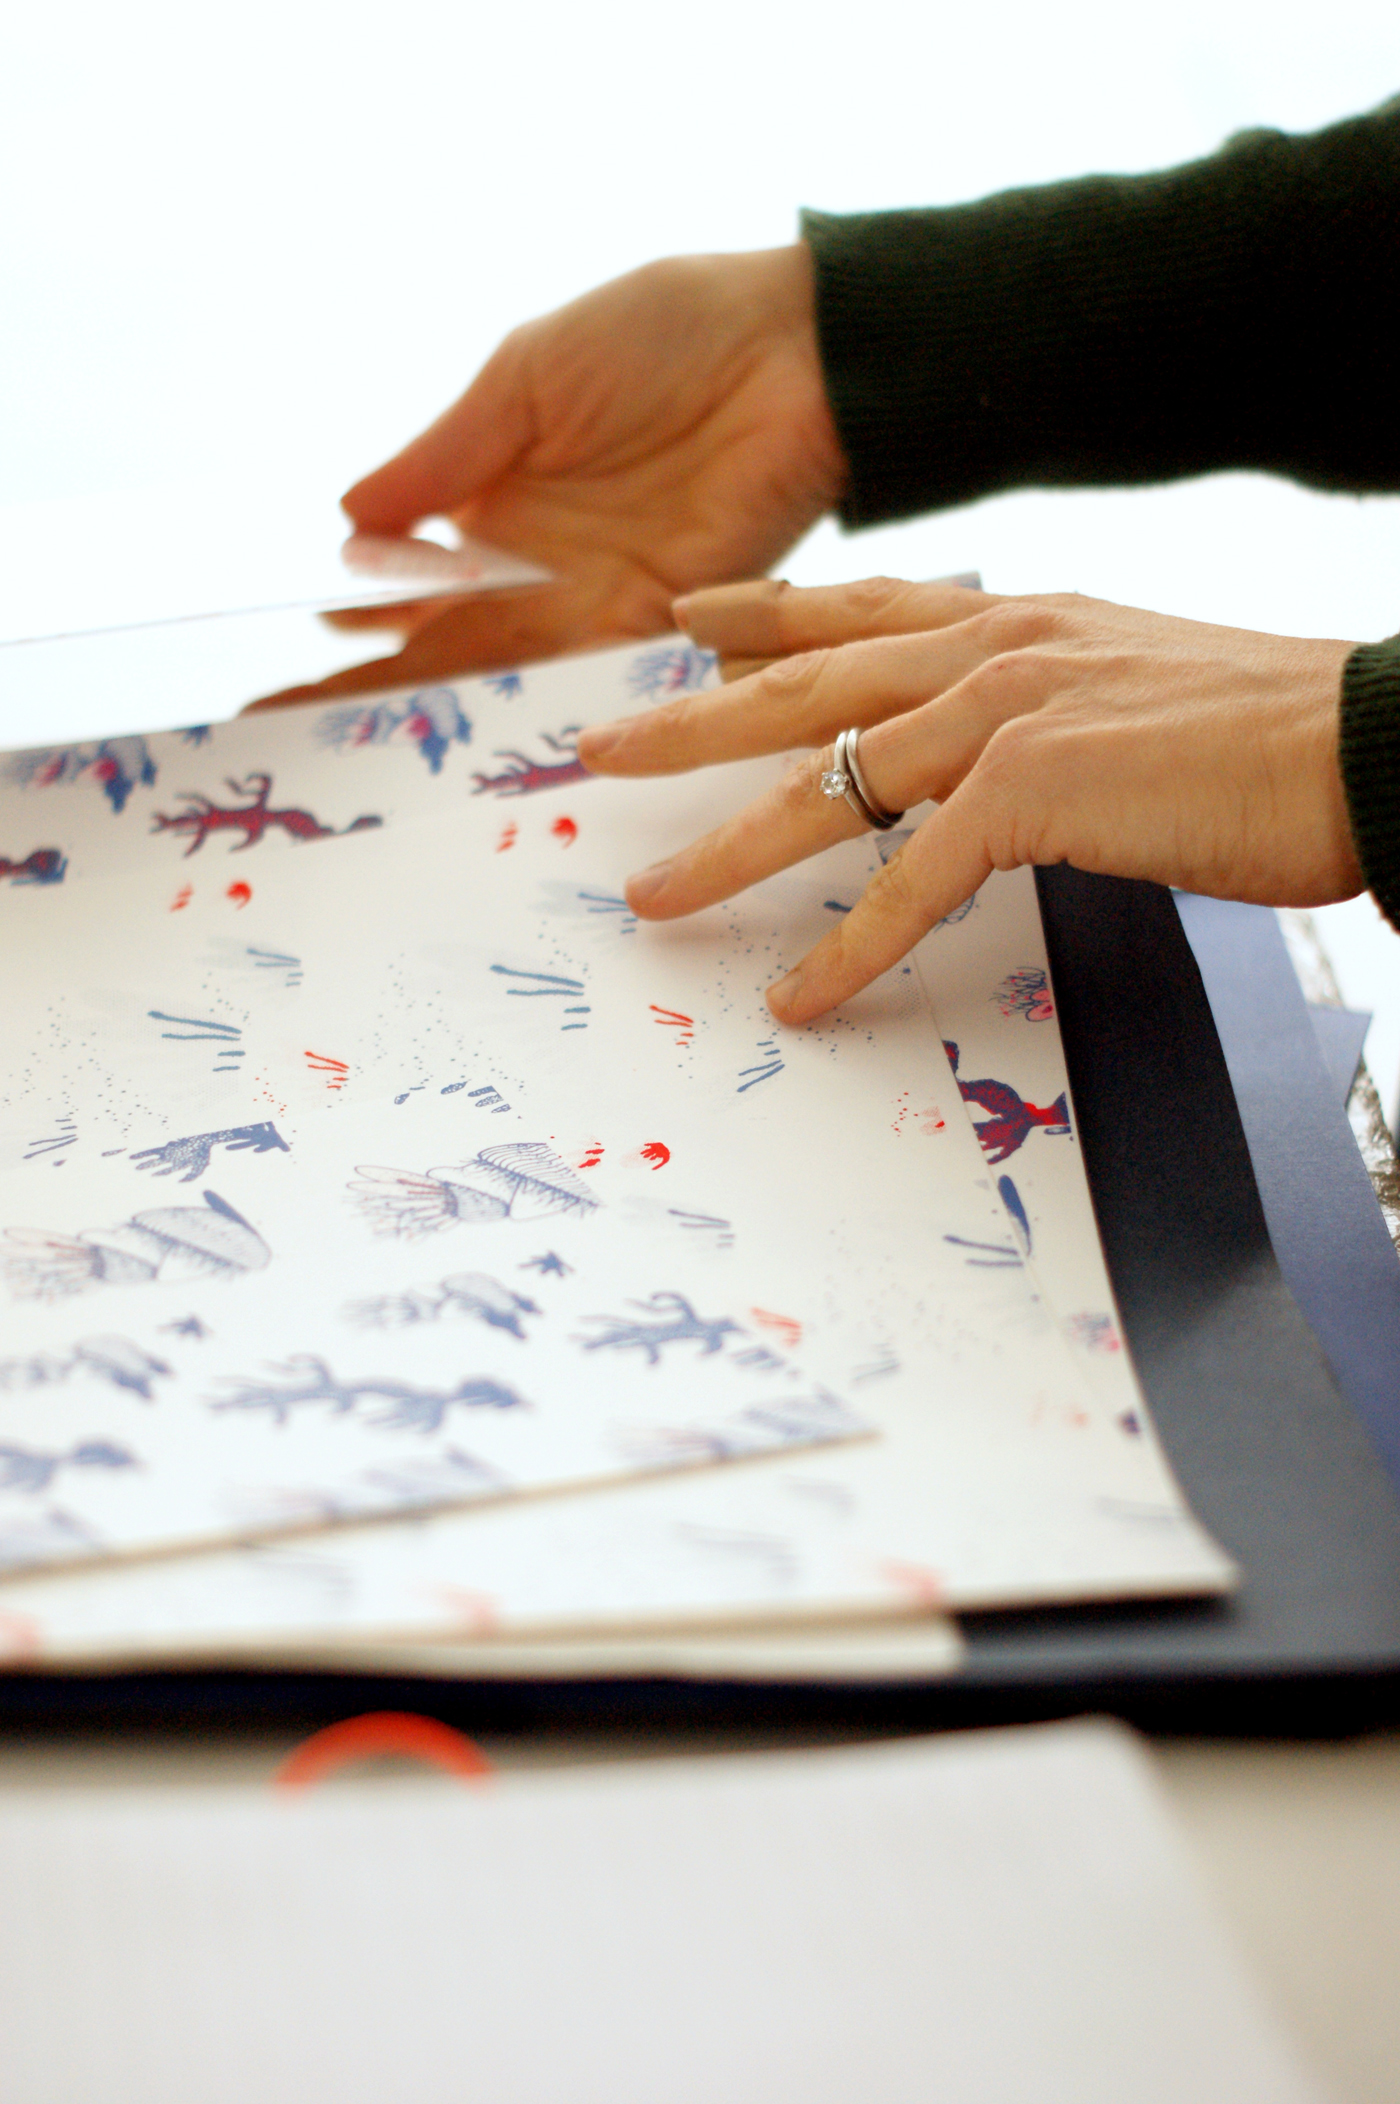 les mains d'aurélie avec ses sérigraphies